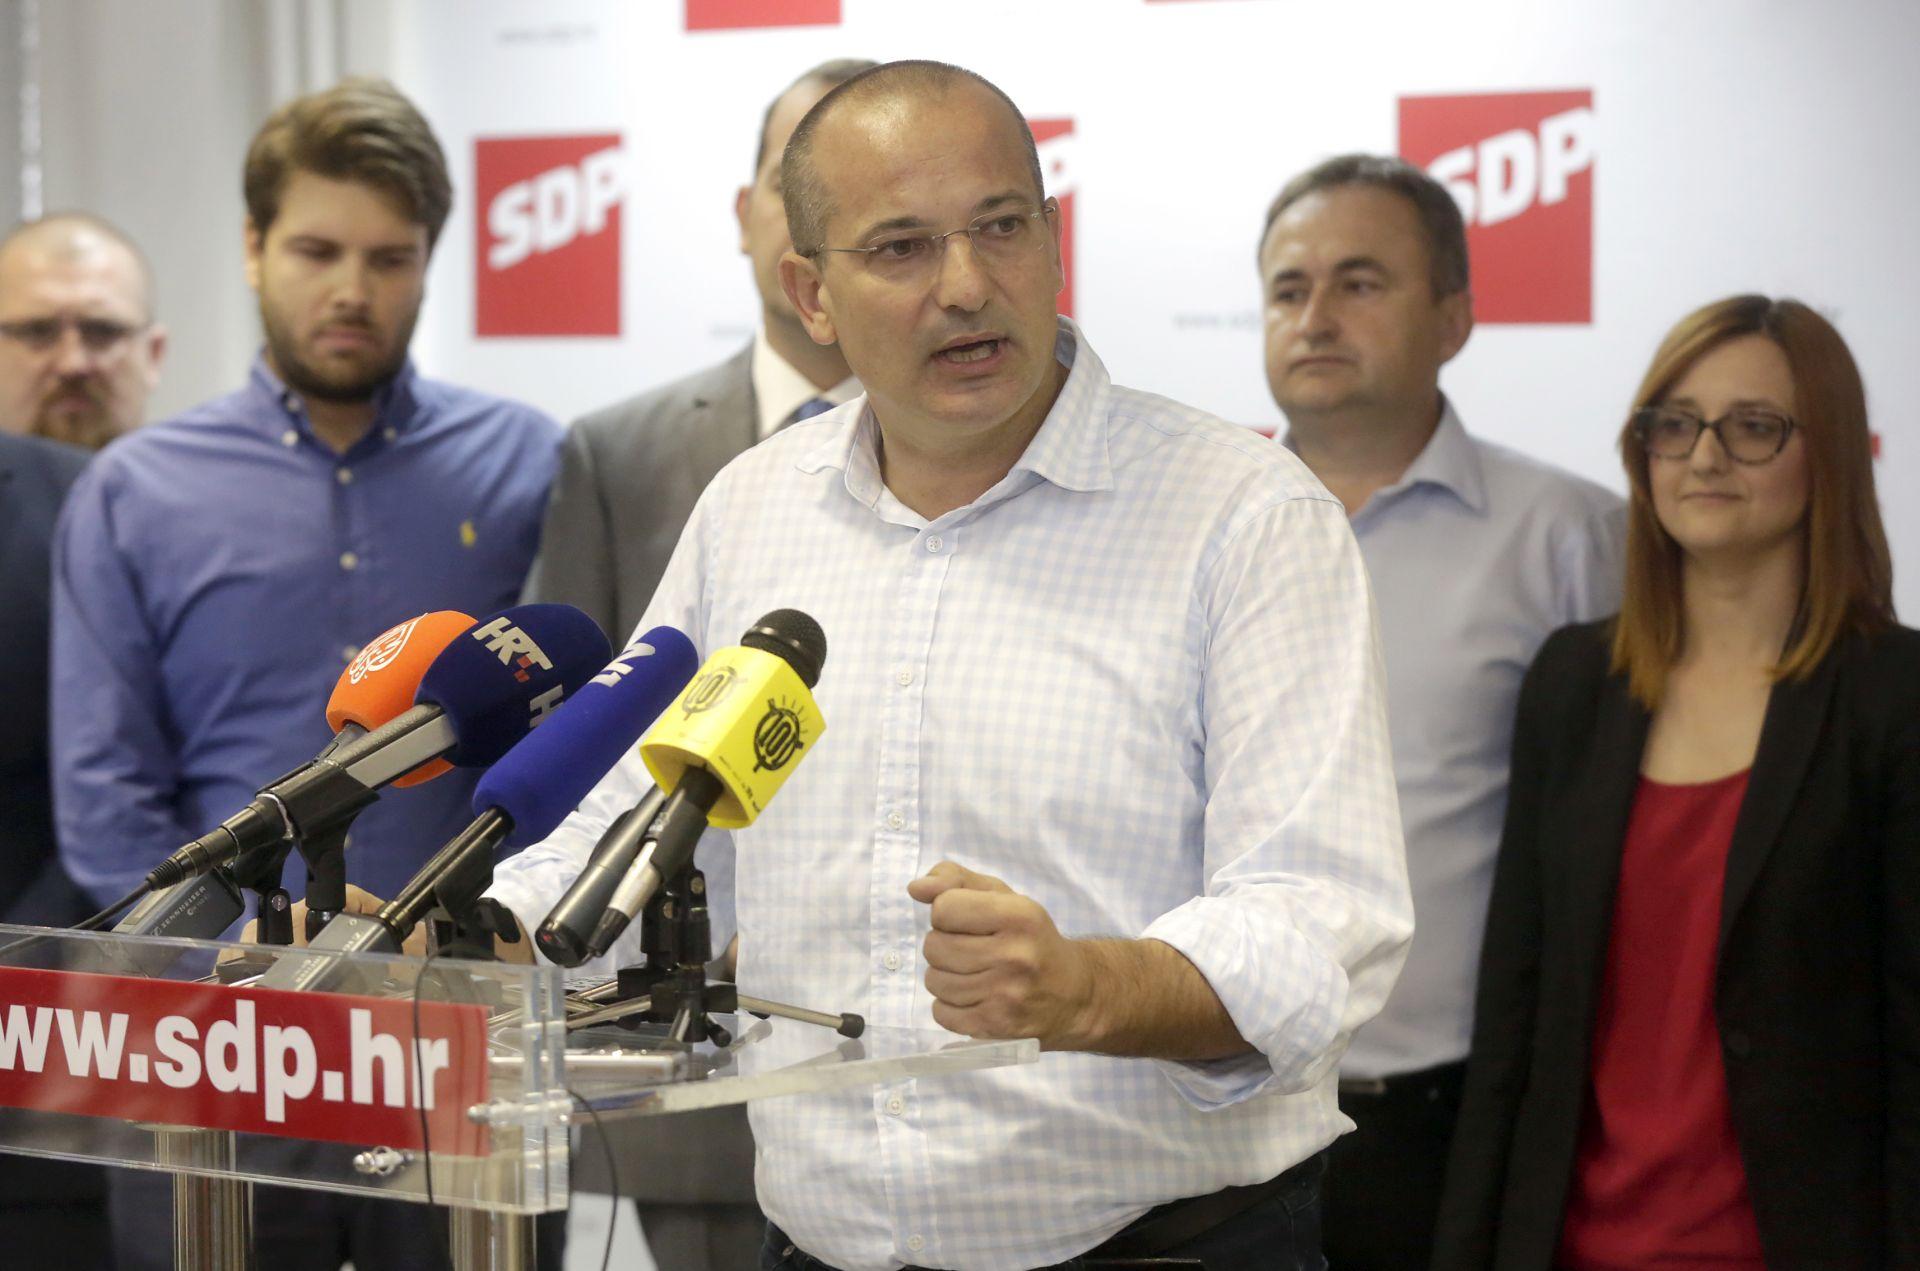 ISTRAŽNO POVJERENSTVO Todorić će biti pozvan za prvog svjedoka pred Povjerenstvom